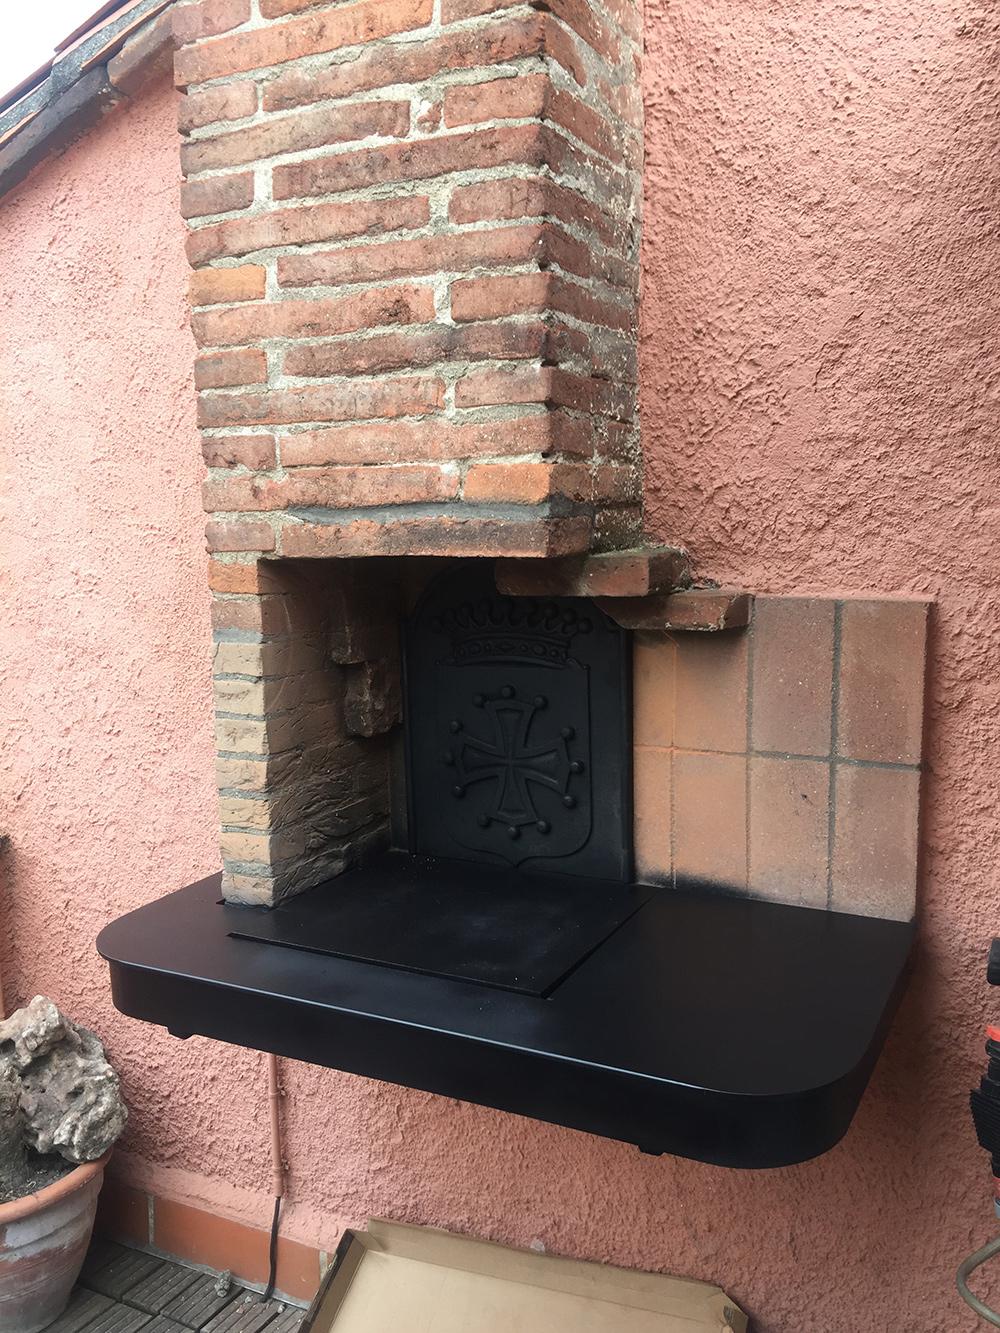 Rénovation d'un barbecue - Après travaux